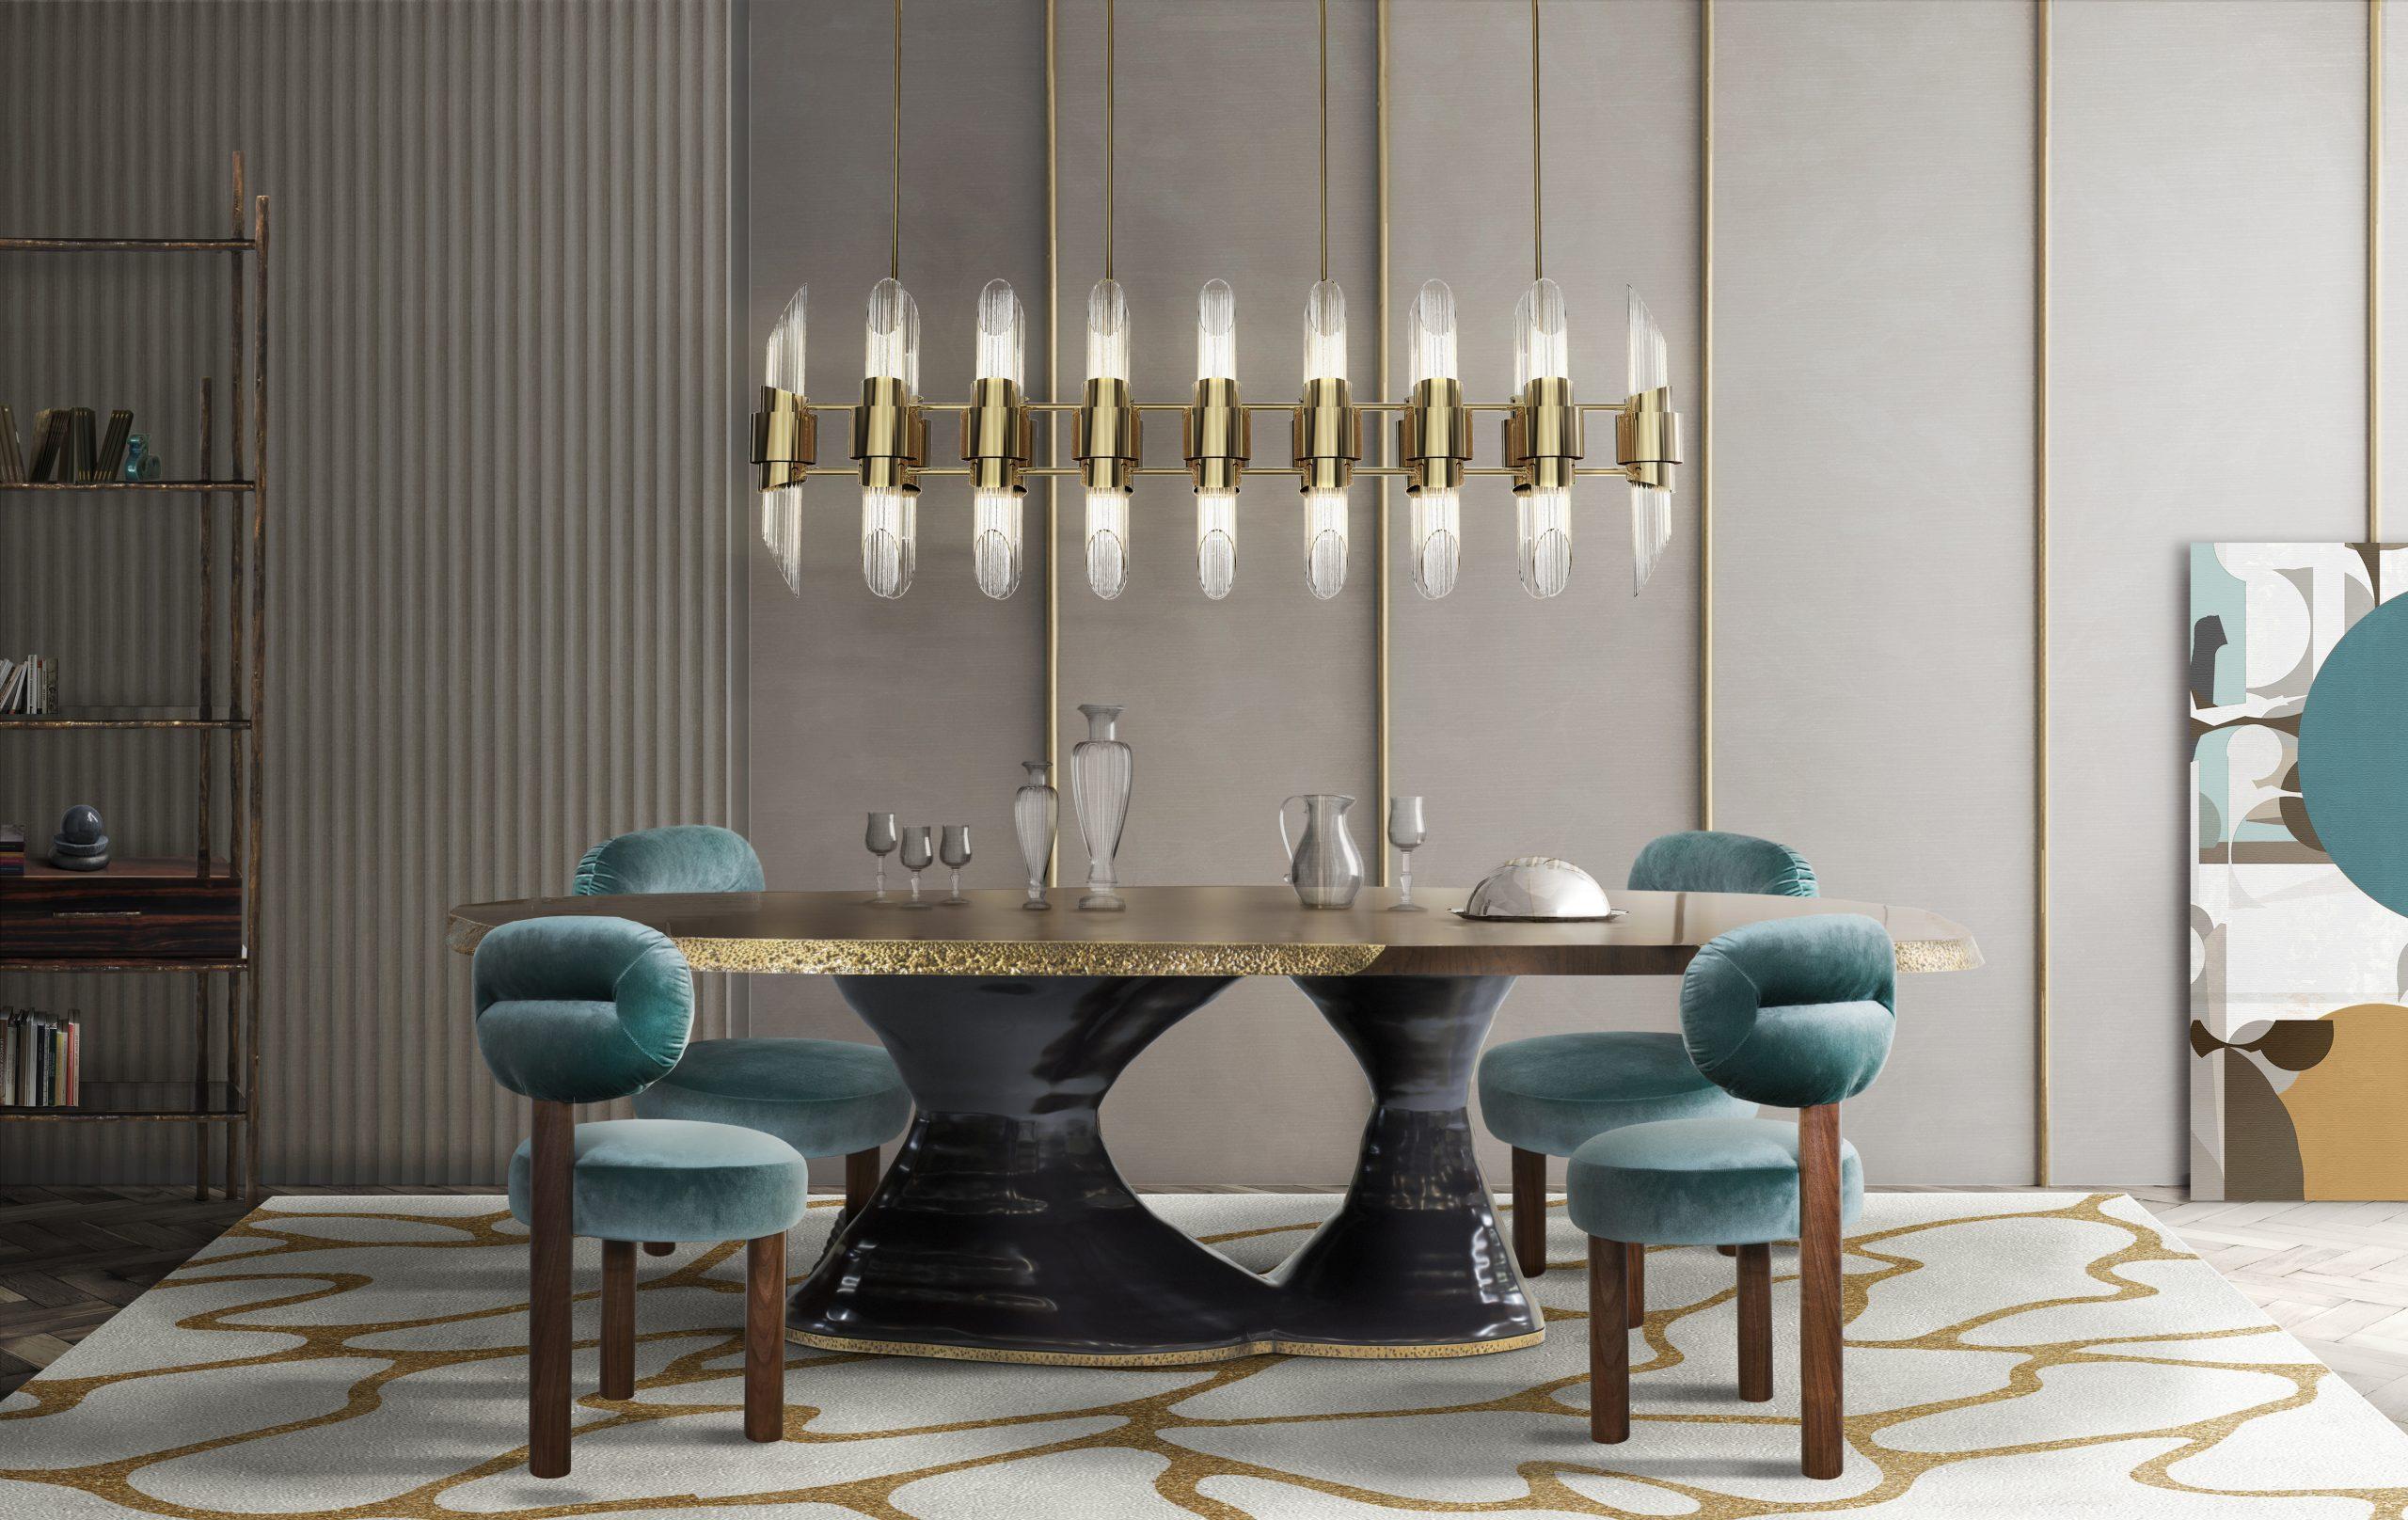 HIGH-END DINING ROOM DESIGN